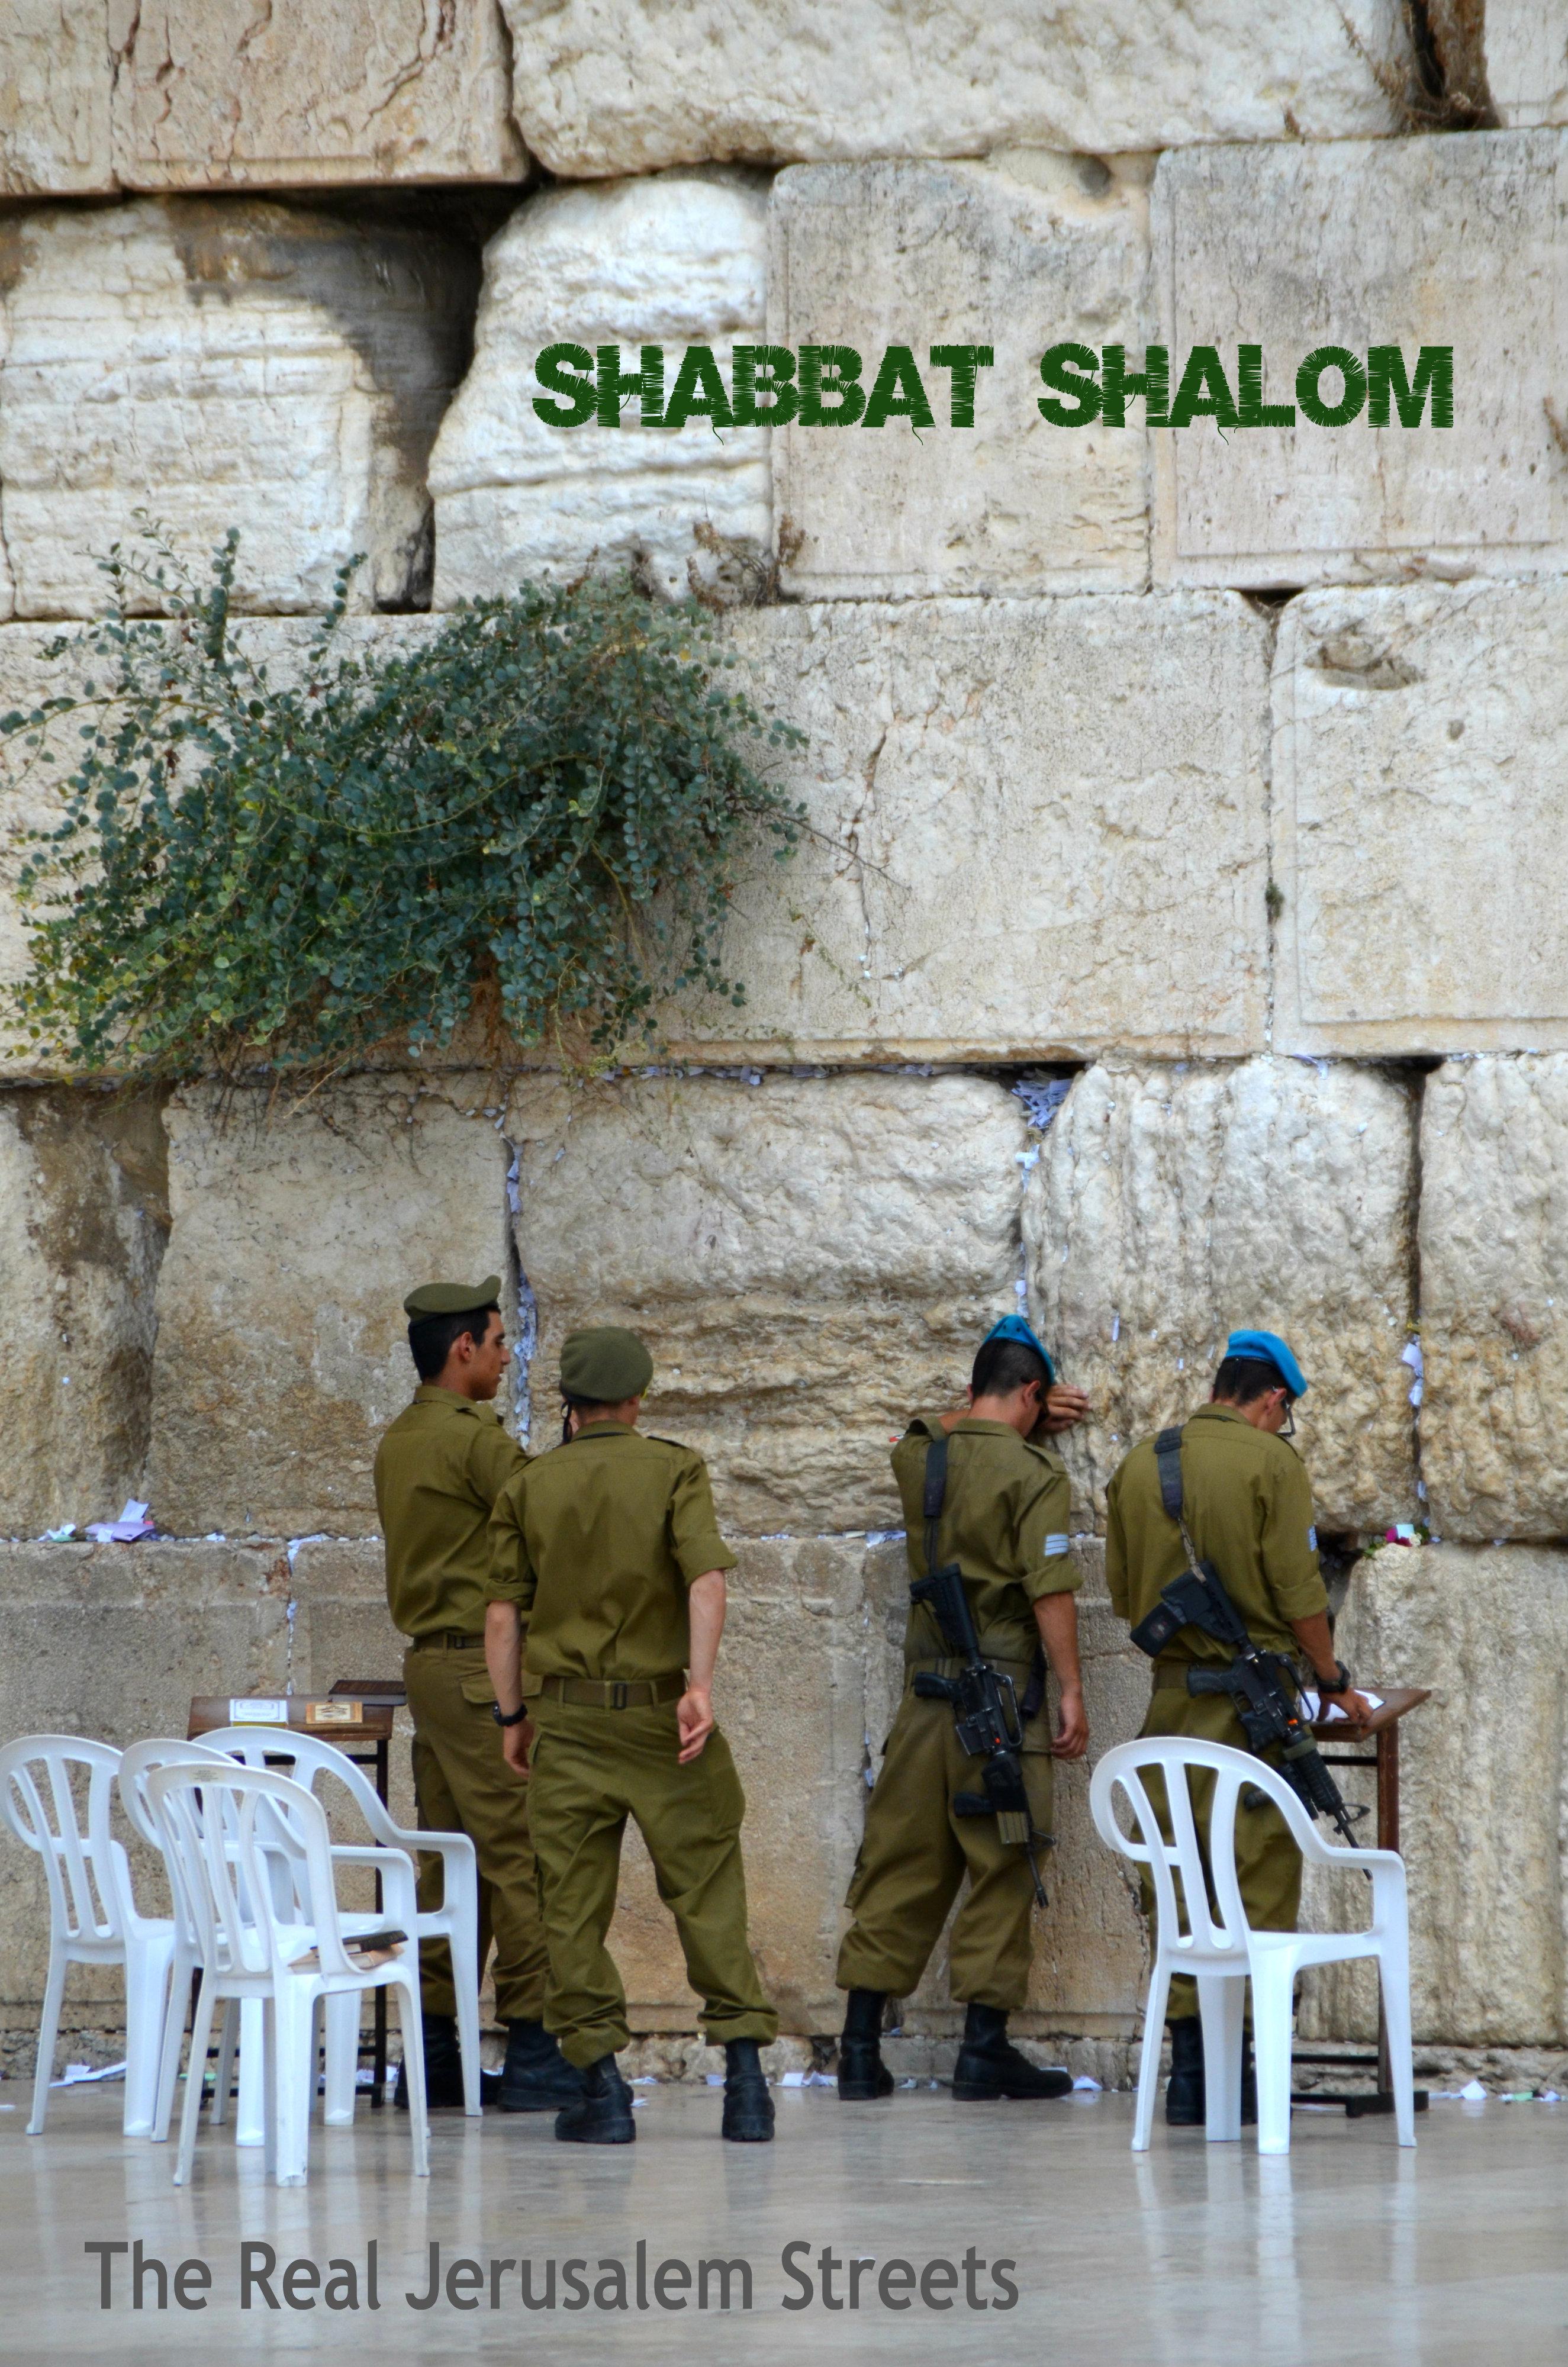 image Shabbat Shalom